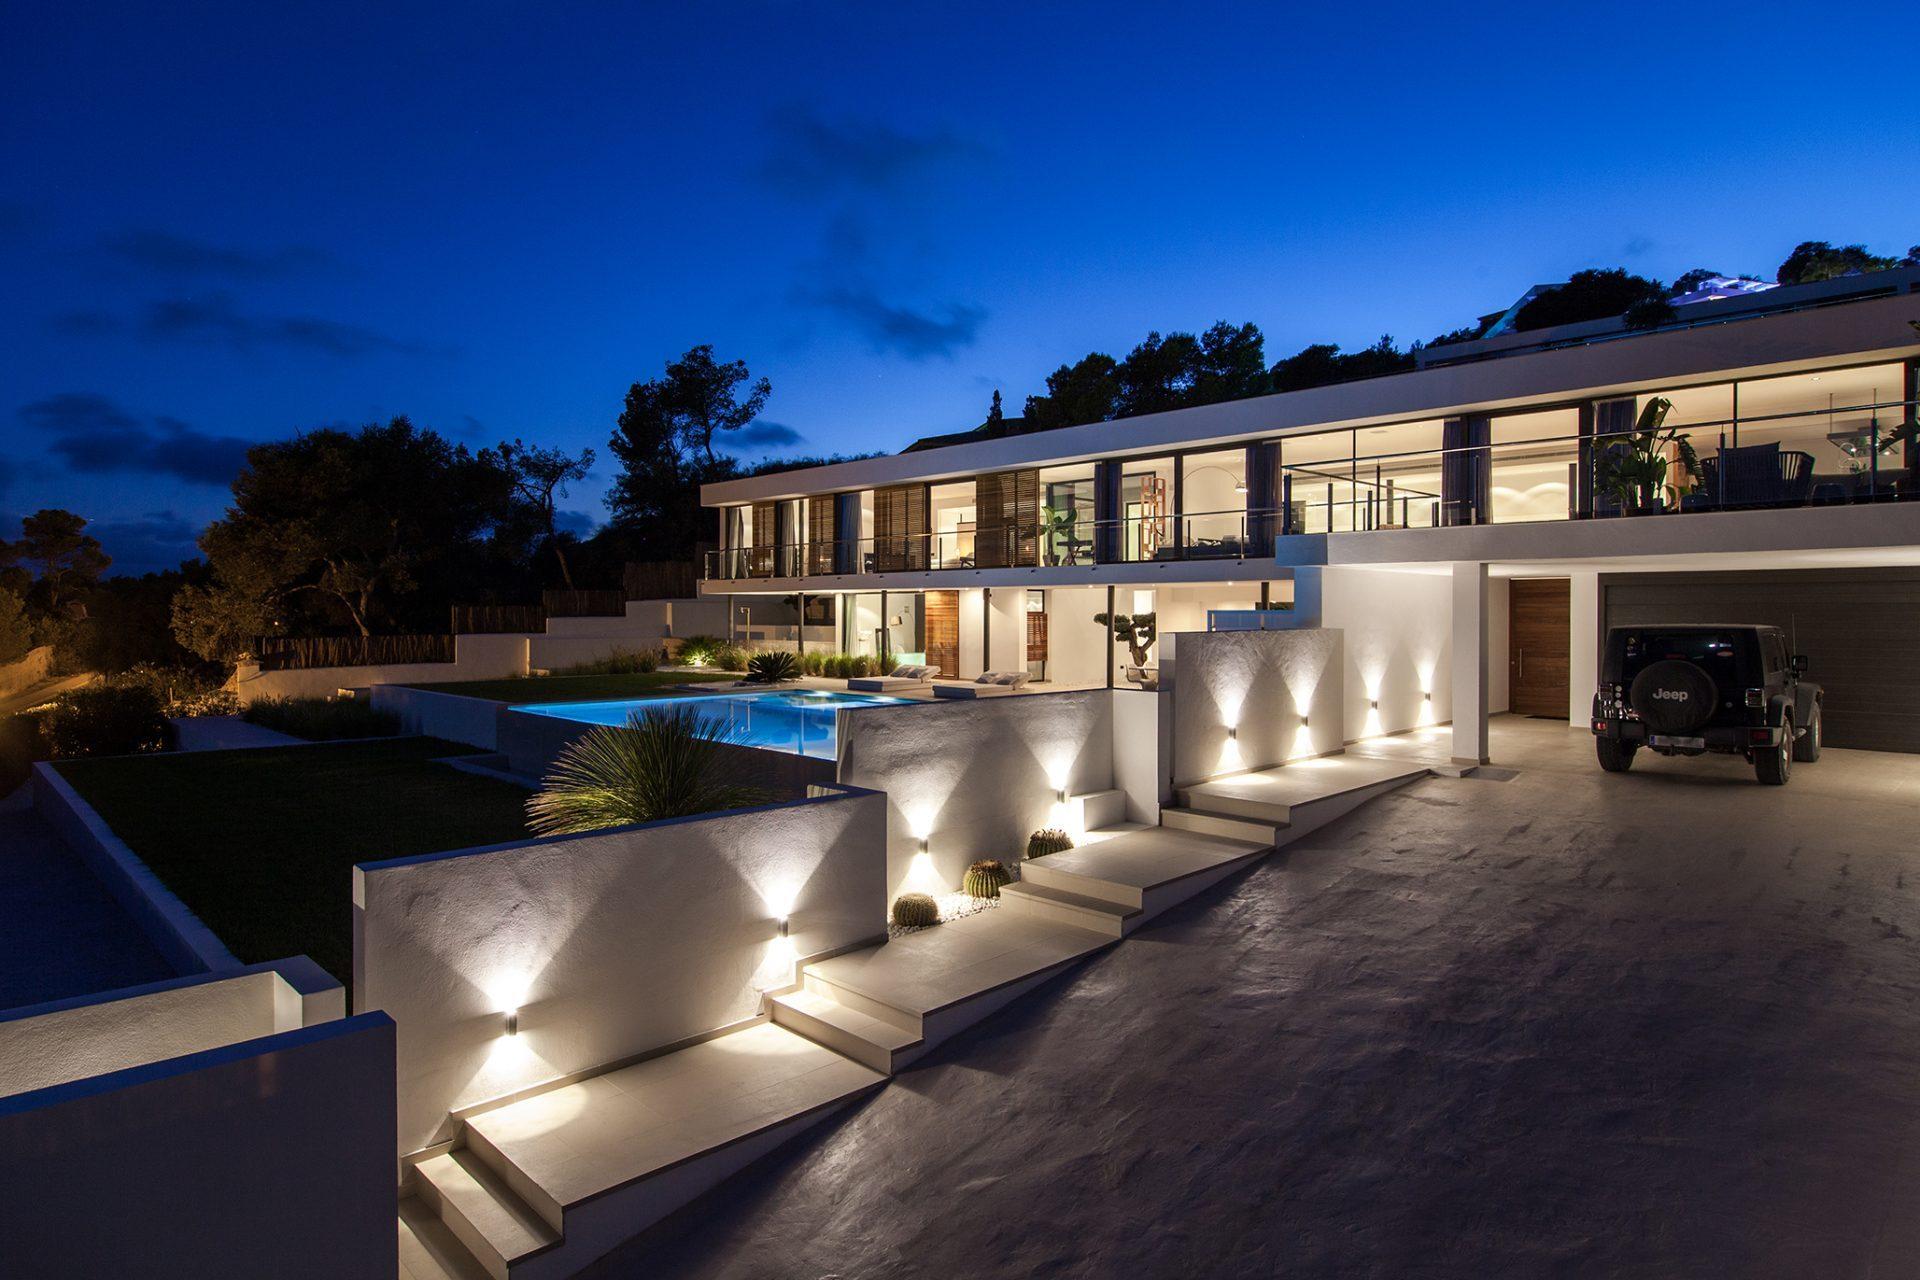 Villa Emilio Hq 57